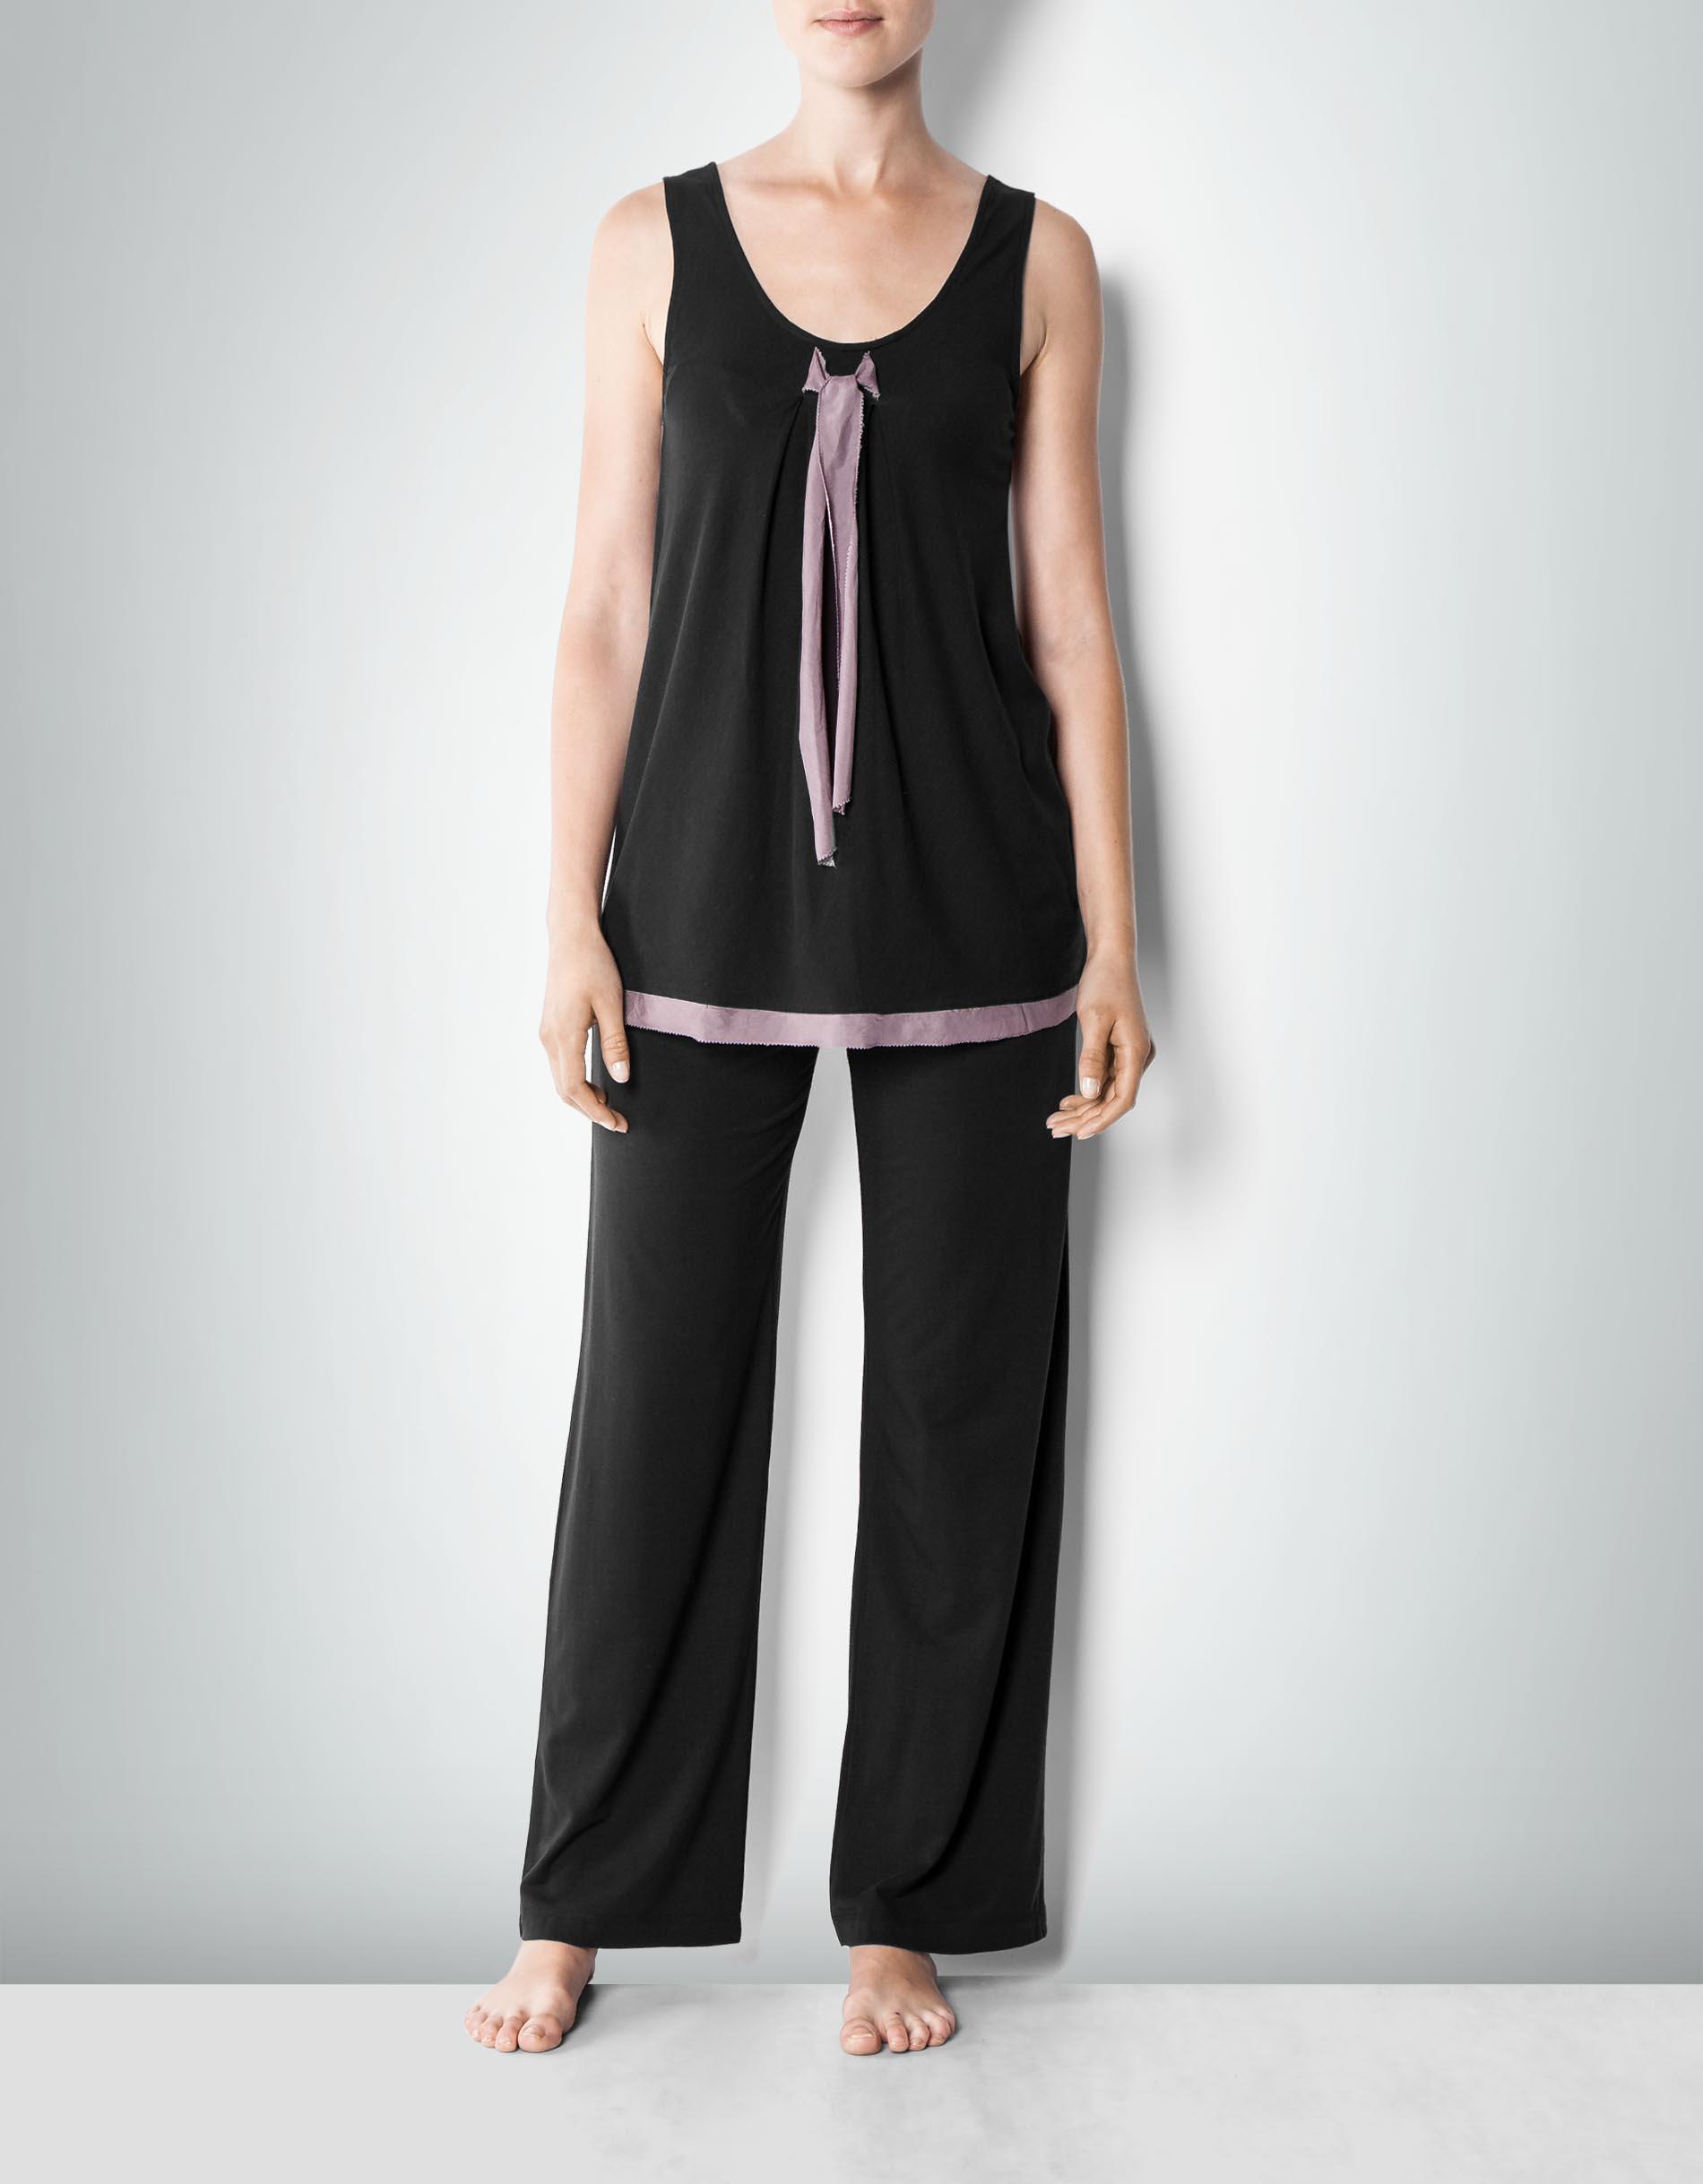 half off 6f8ef 74ef5 DKNY Damen Pyjama aus Jersey im femininen Look empfohlen von ...